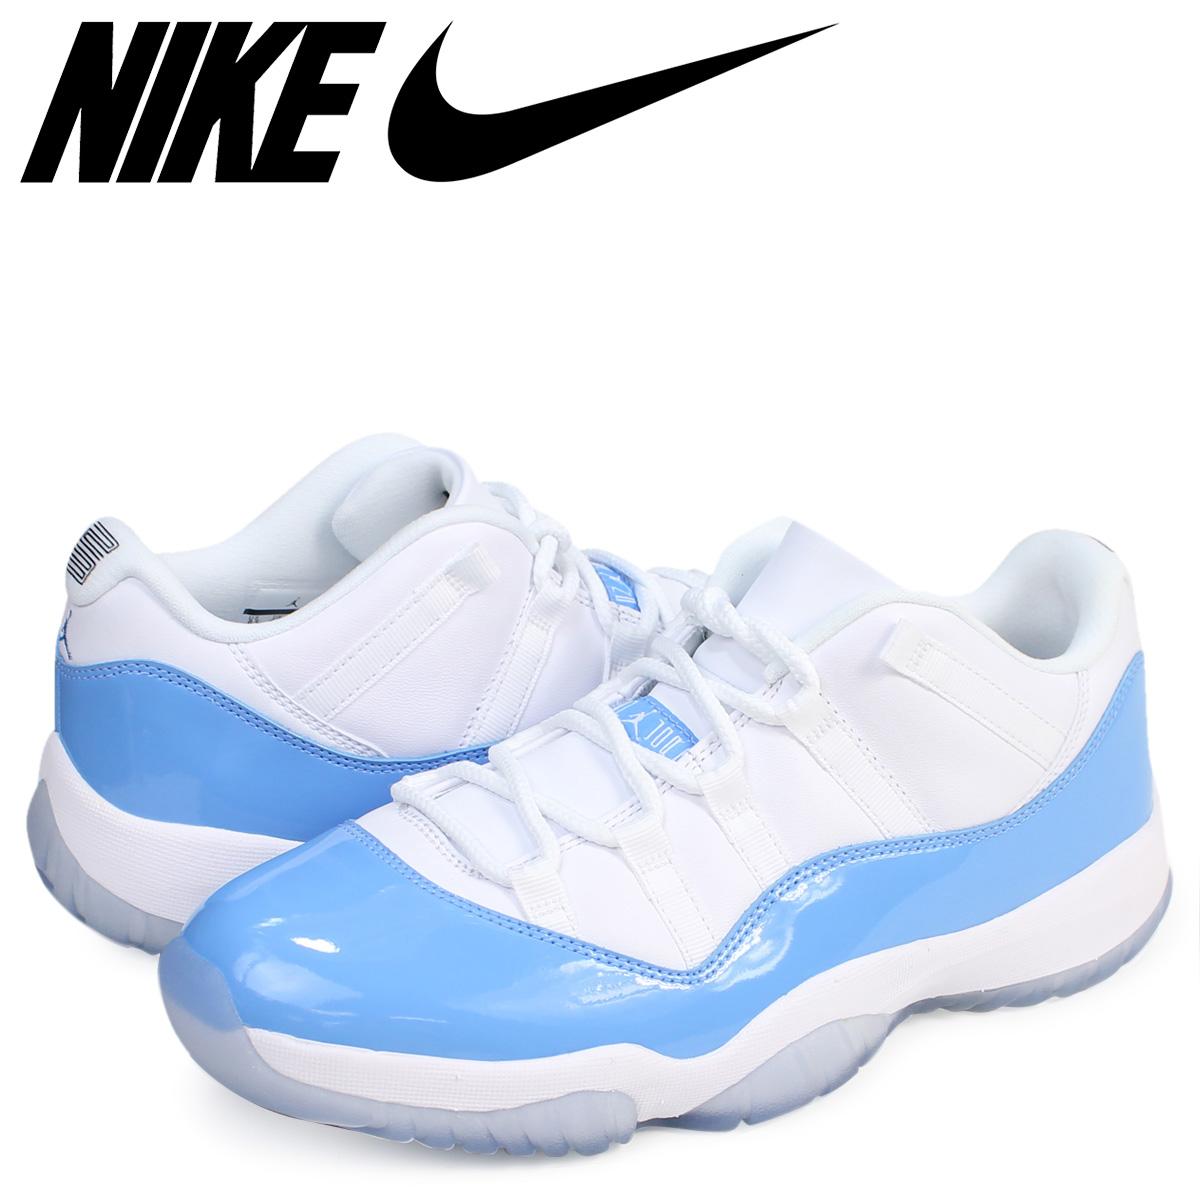 reputable site 46964 5324c NIKE Nike Air Jordan 11 sneakers AIR JORDAN 11 LOW COLUMBIA BLUE low  528,895-106 men's shoes white white